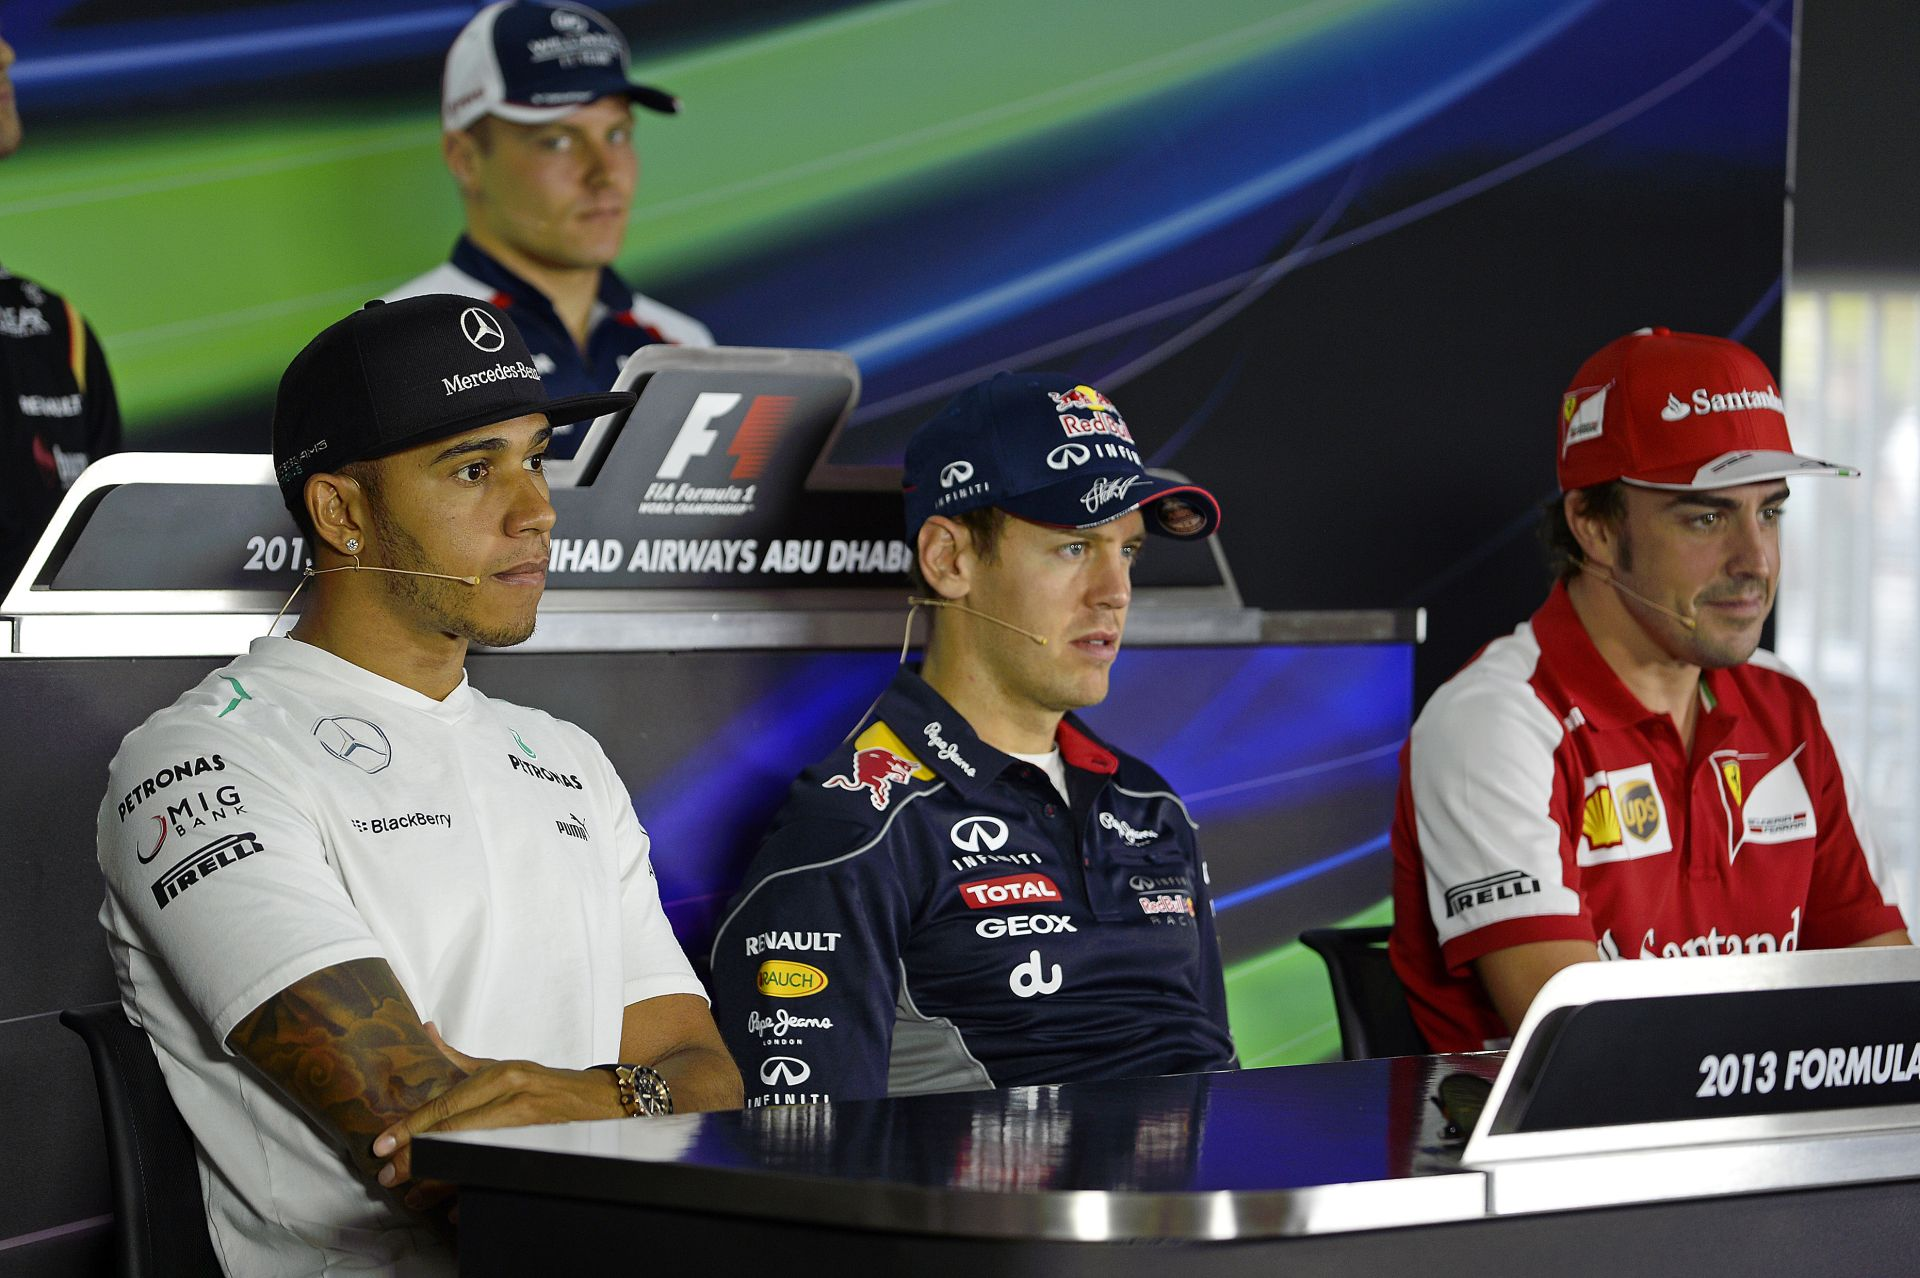 A McLaren Alonsót, Vettelt és Hamiltont is kivásárolná a szerződéséből